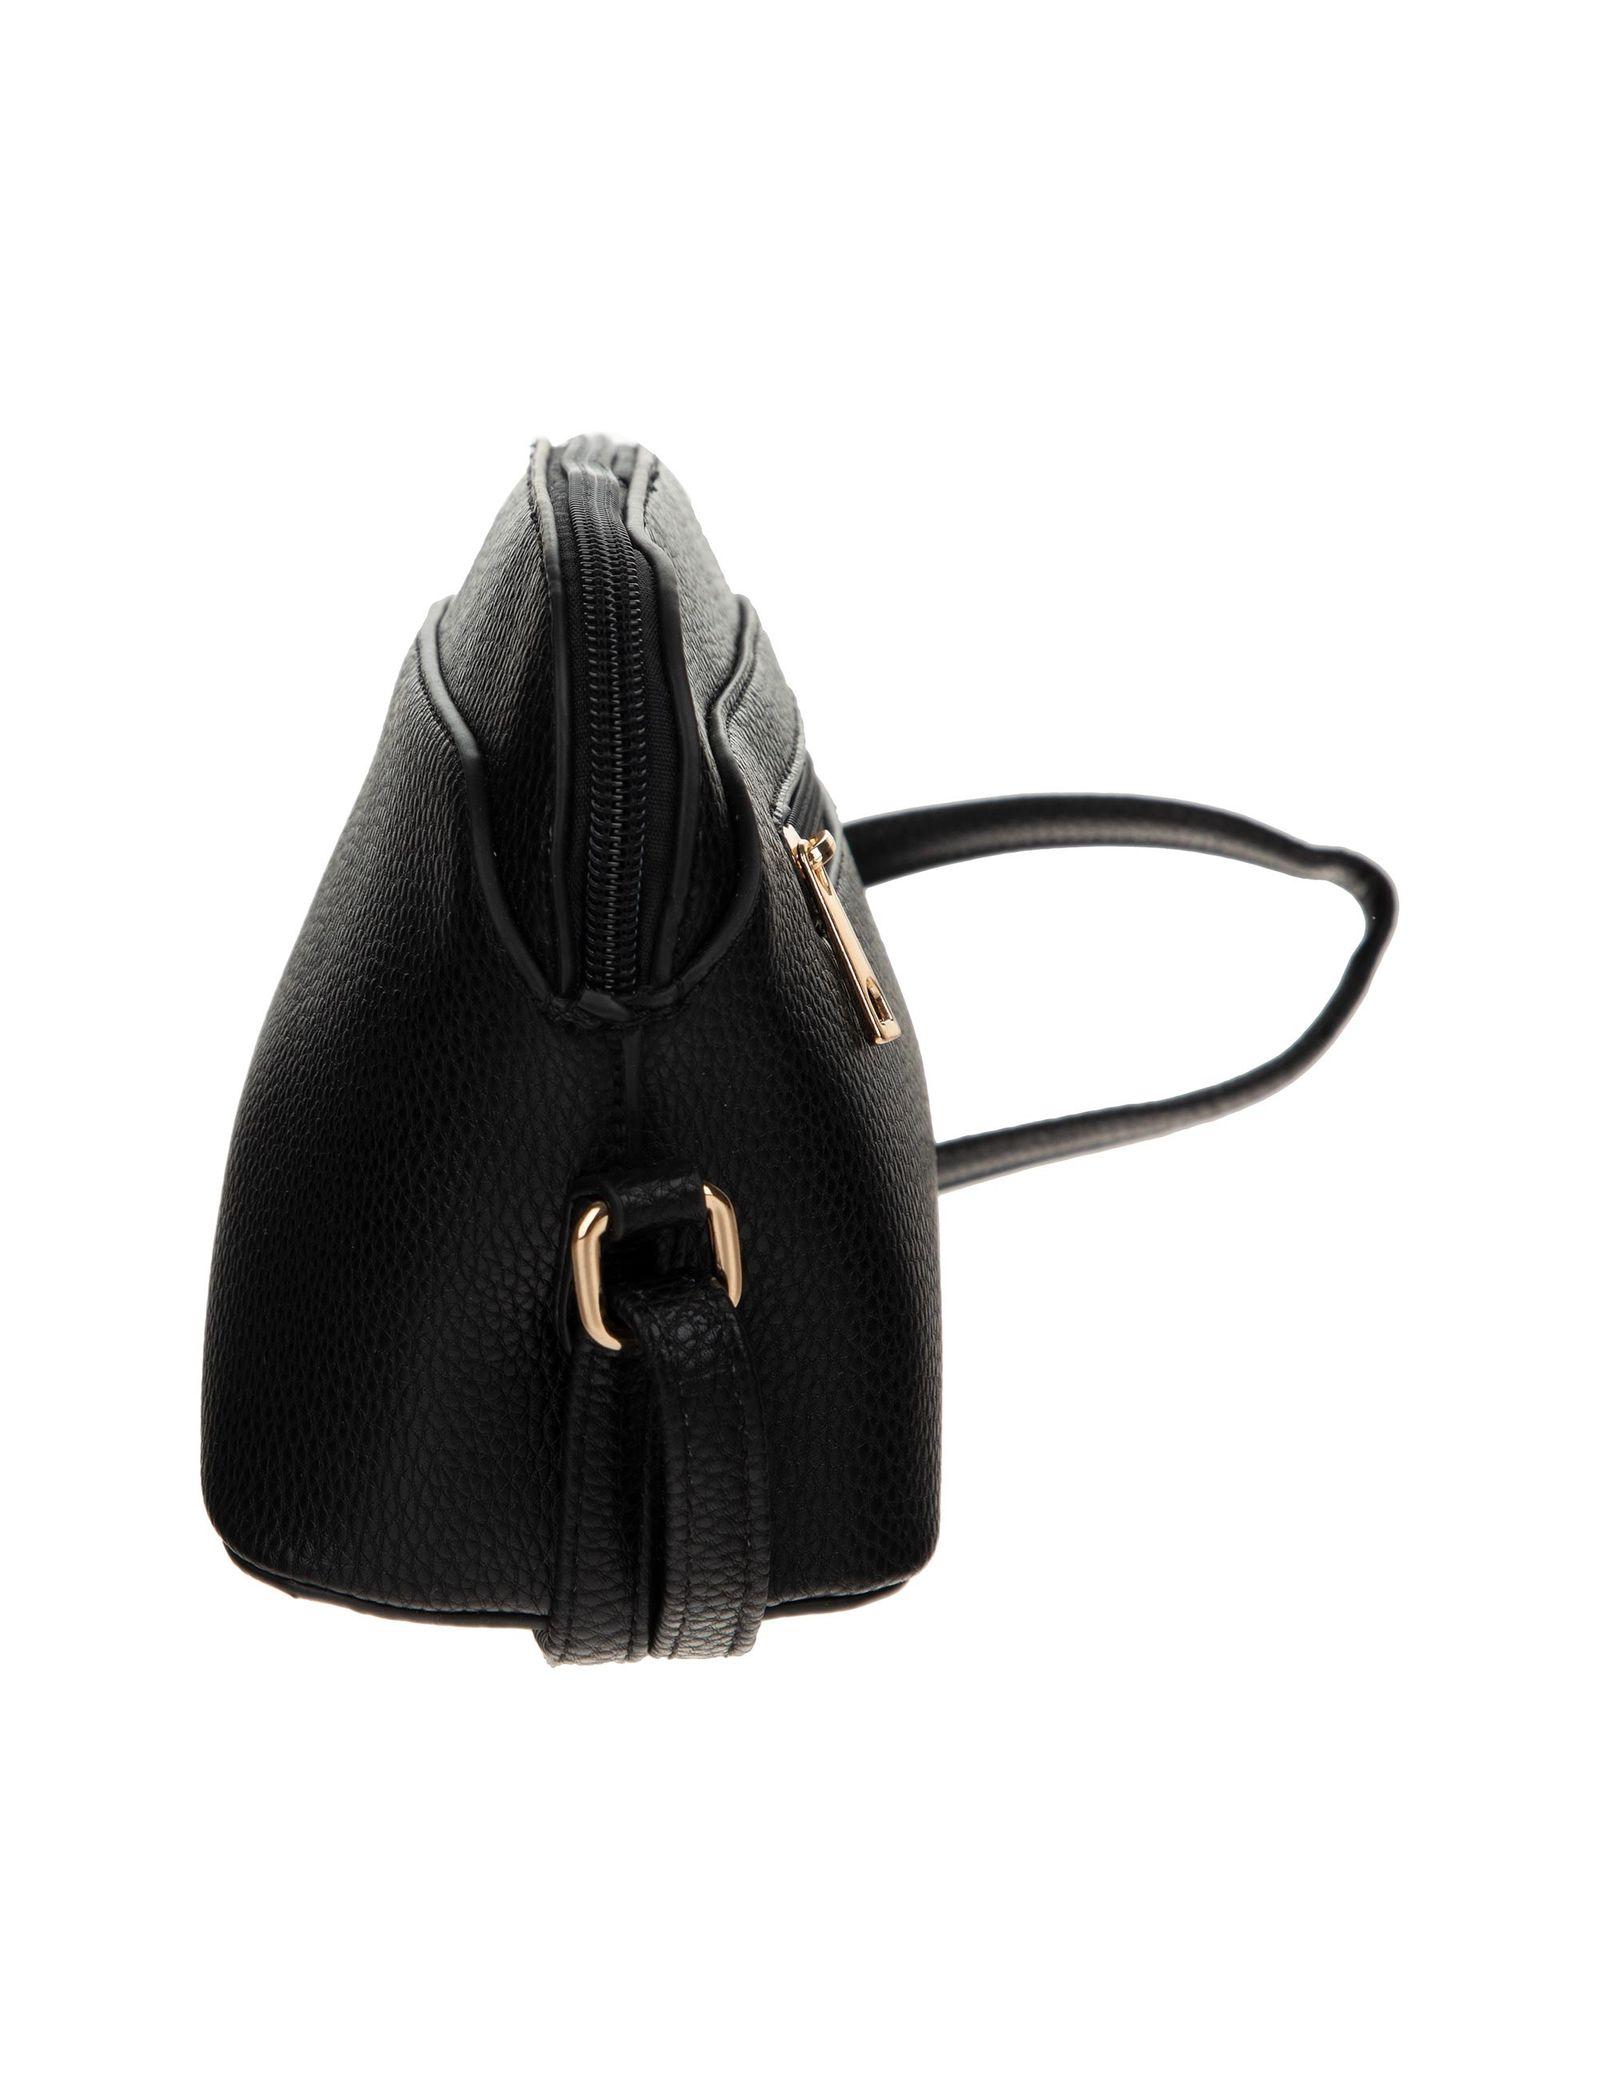 کیف دوشی روزمره زنانه - دادلین تک سایز - مشکي - 6